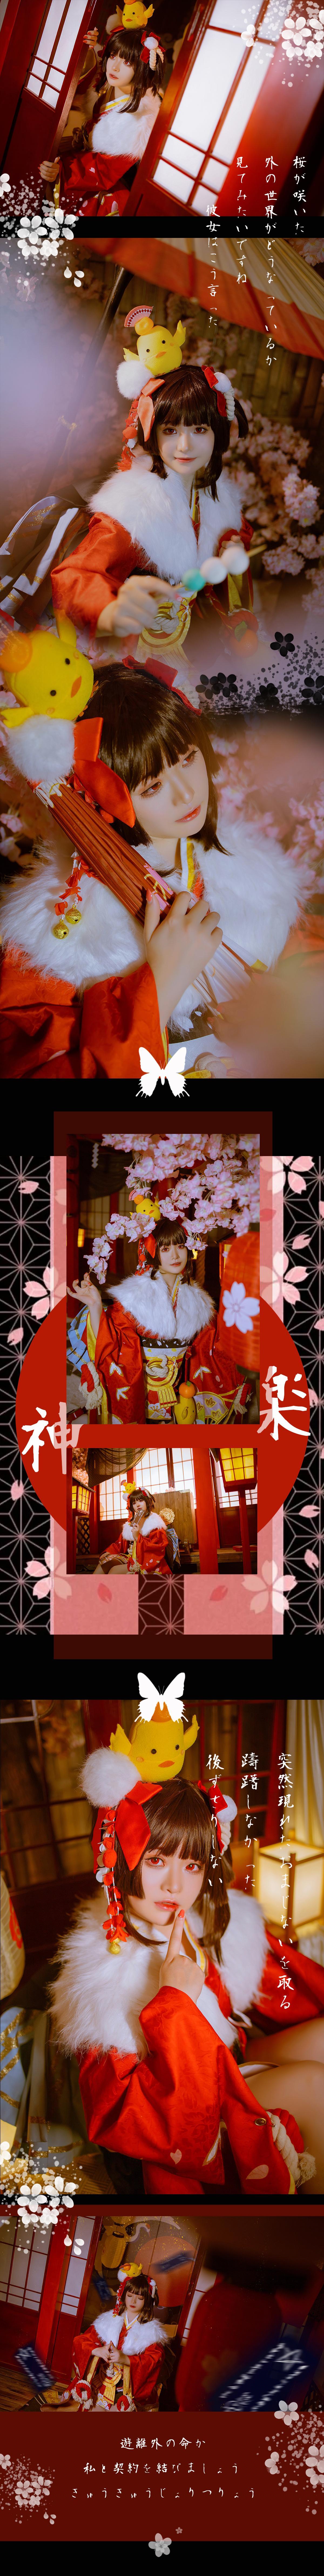 《阴阳师手游》正片cosplay【CN:白貘】-第2张